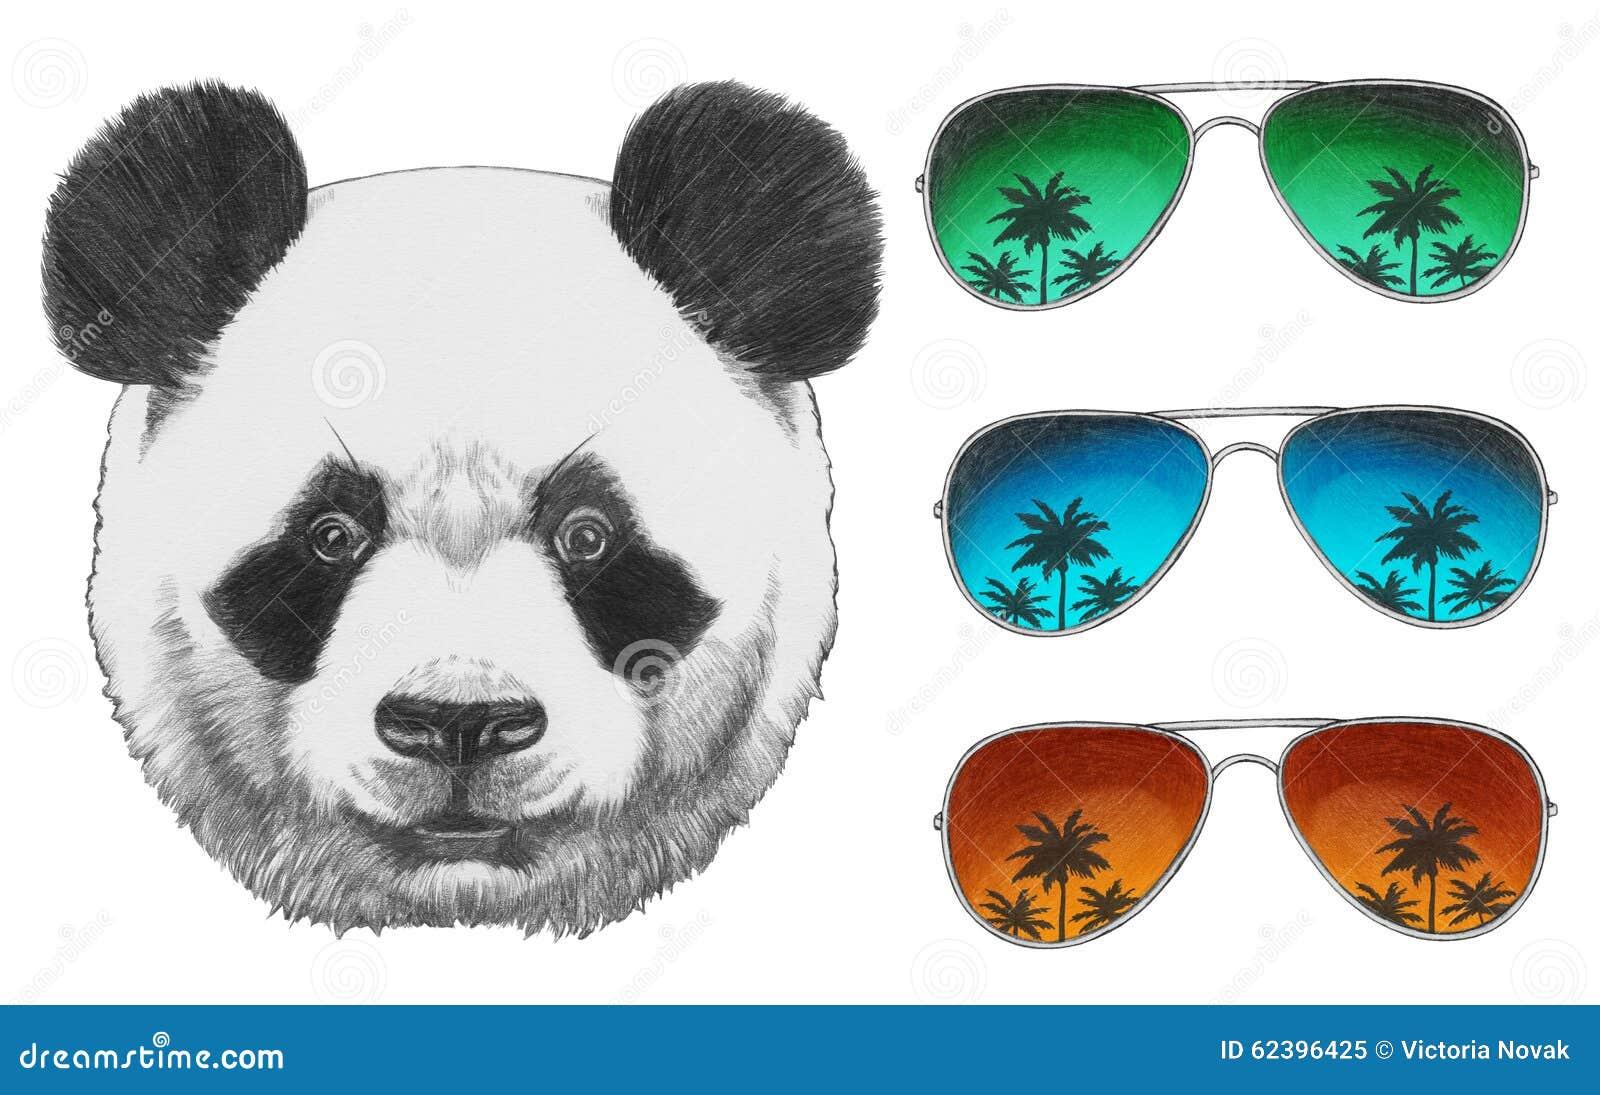 Dessin Lunettes De Soleil dessin original de panda avec des lunettes de soleil de miroir